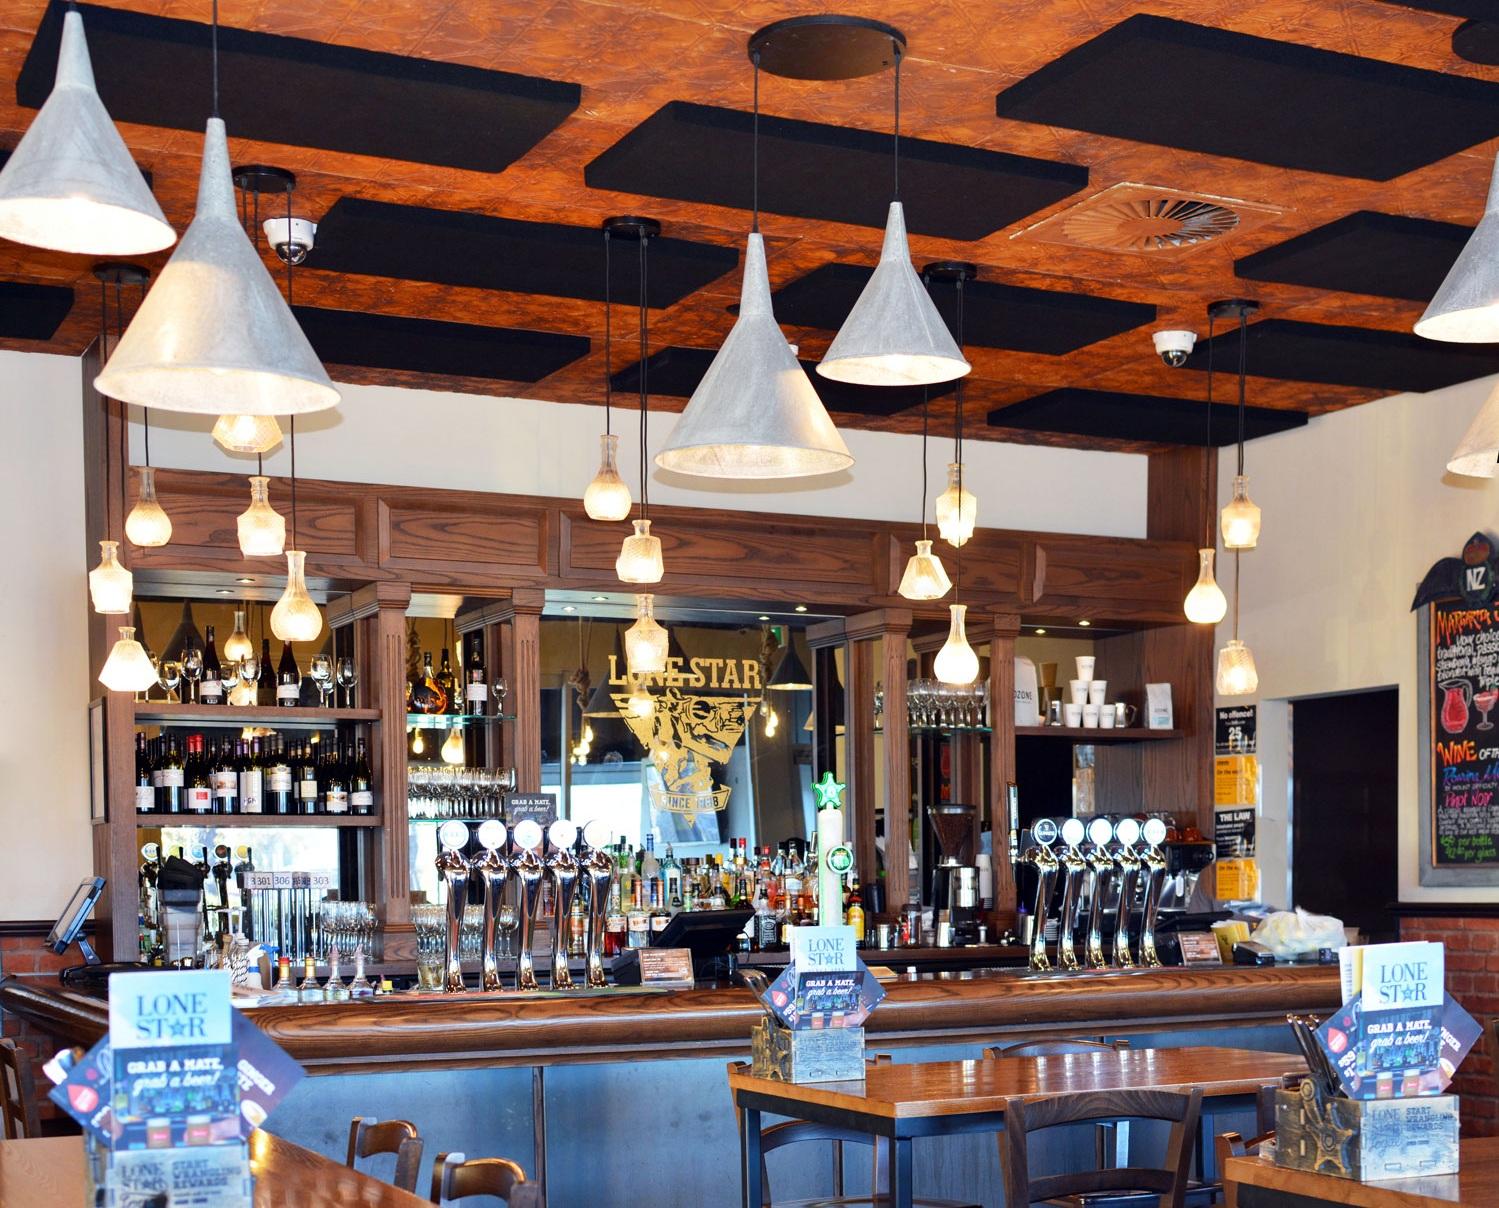 Lone Star Bar & Restaurant